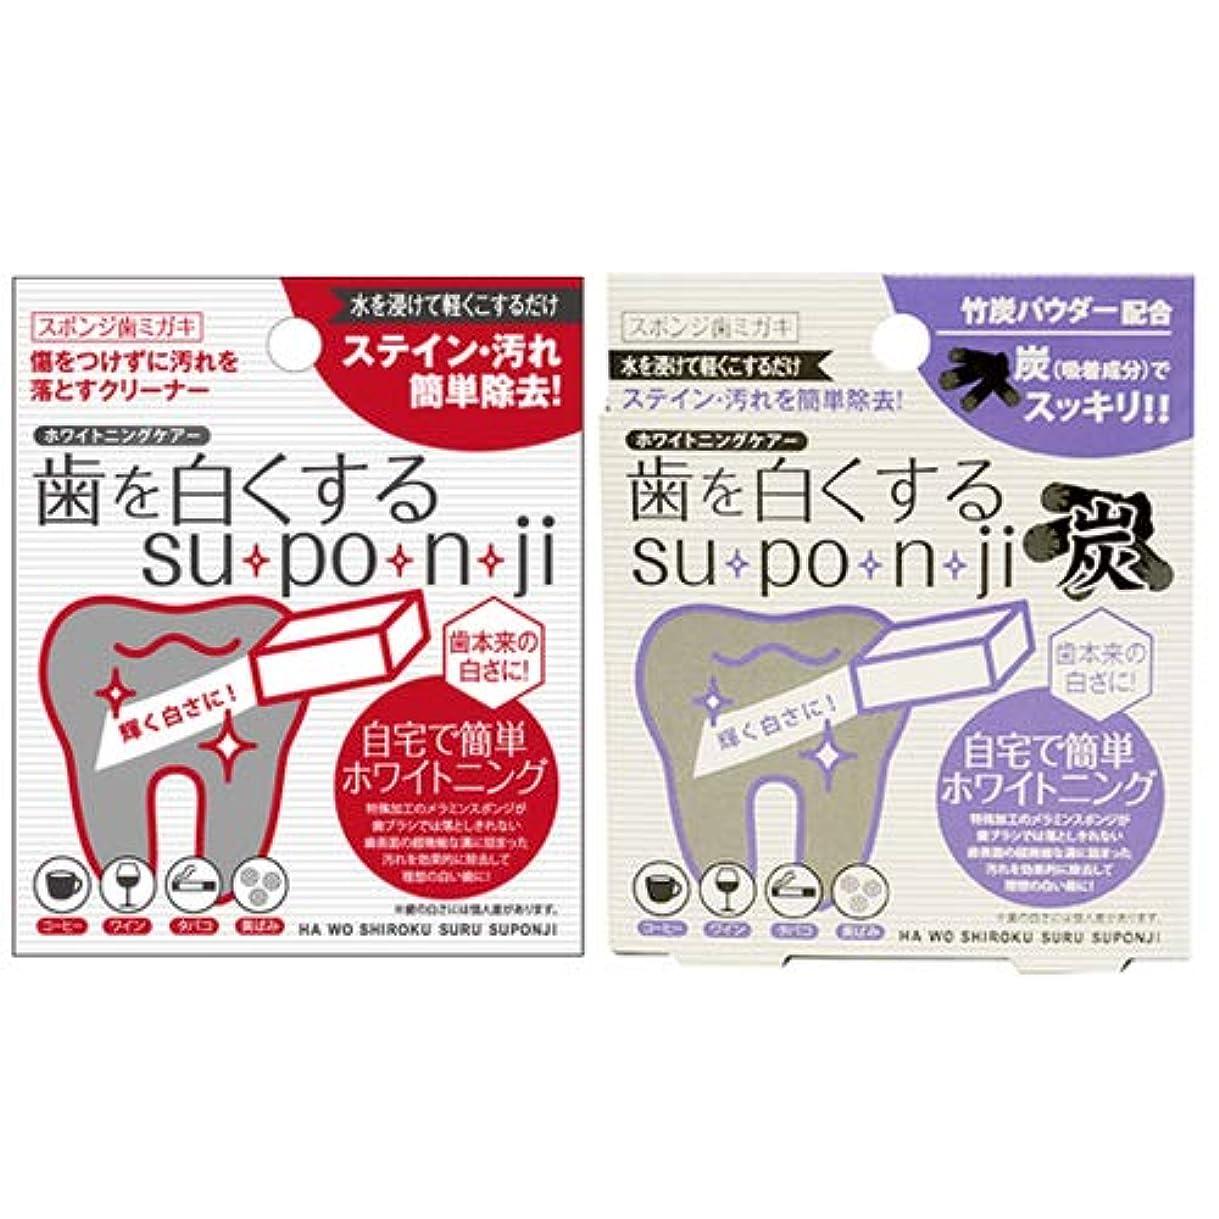 歯を白くする su?po?n?ji 炭 スポンジ 歯みがき レギュラー+炭 2個セット